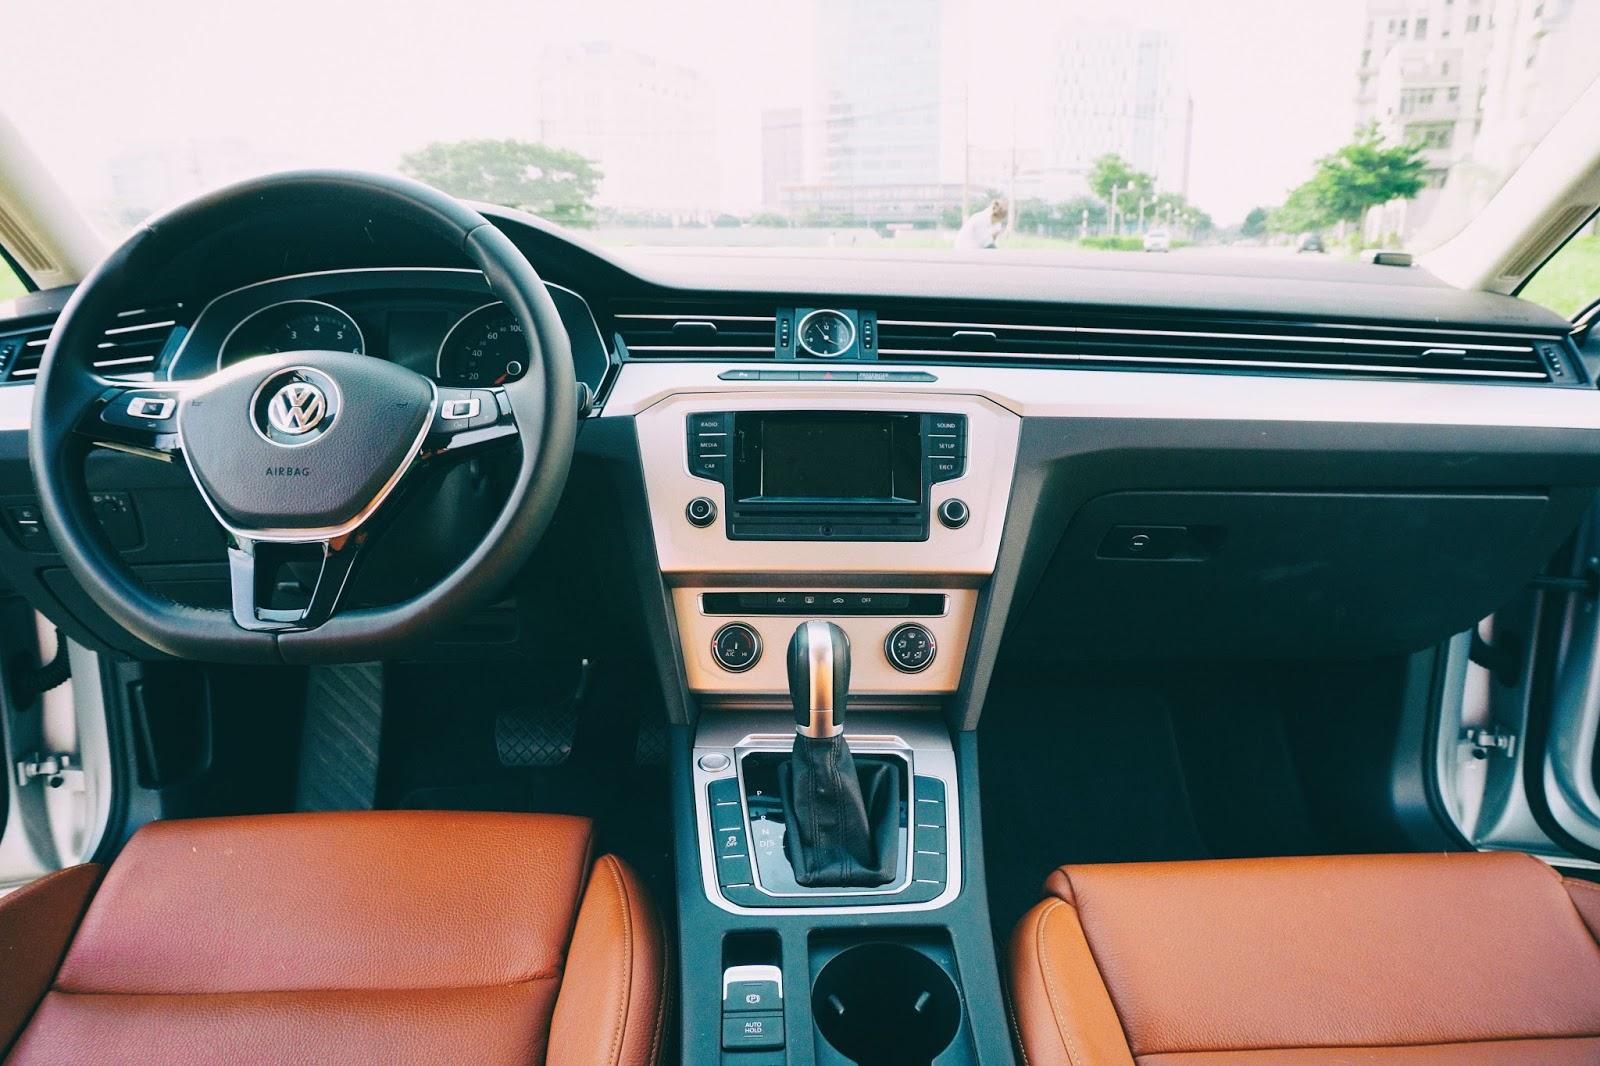 Khoang điều khiển của Volkswagen Passat 2016 khá cổ điển, giản đơn